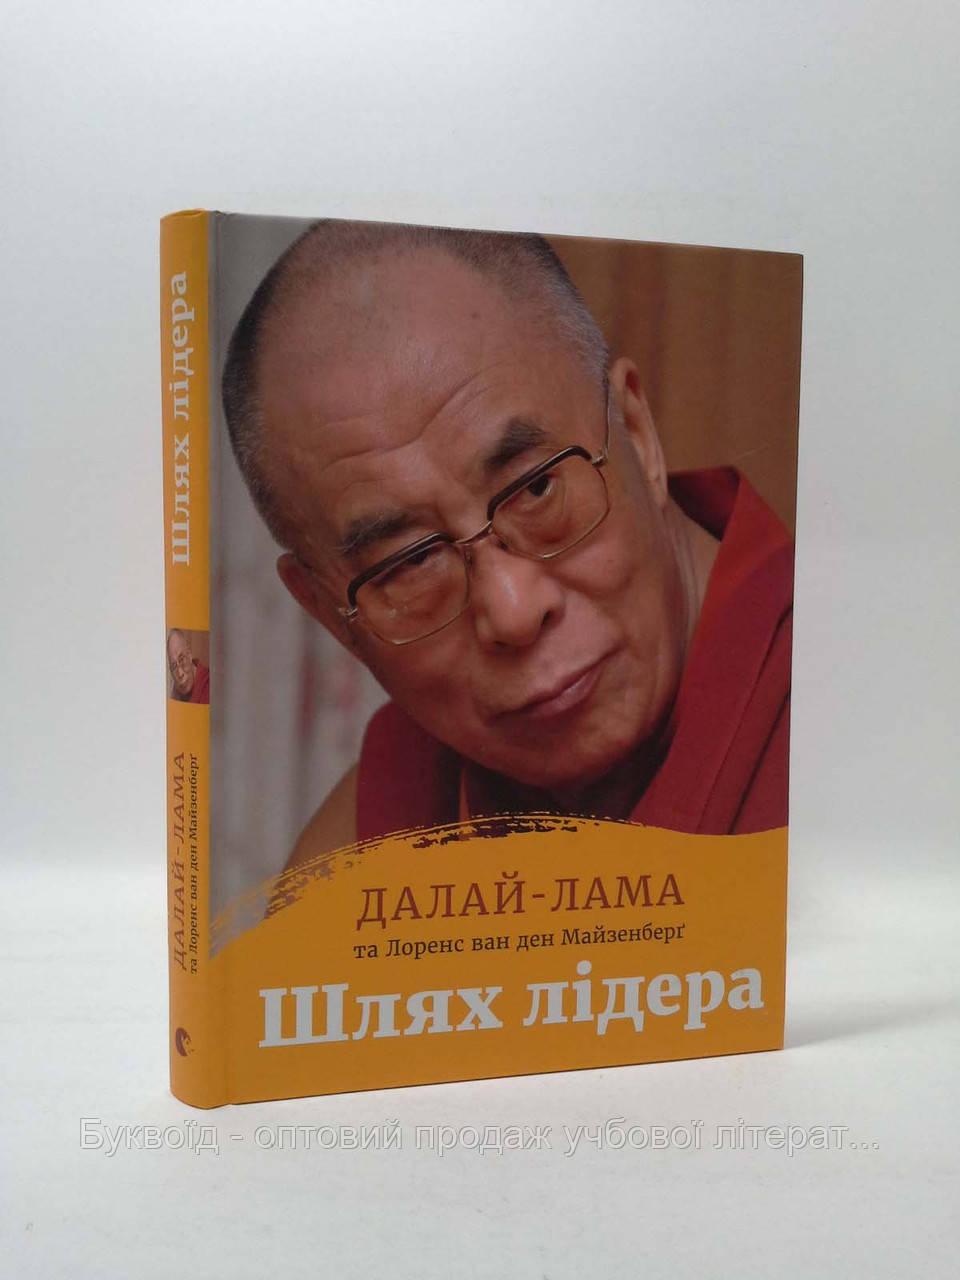 ВСЛ Далай-Лама Шлях лідера Видавництво Старого Лева